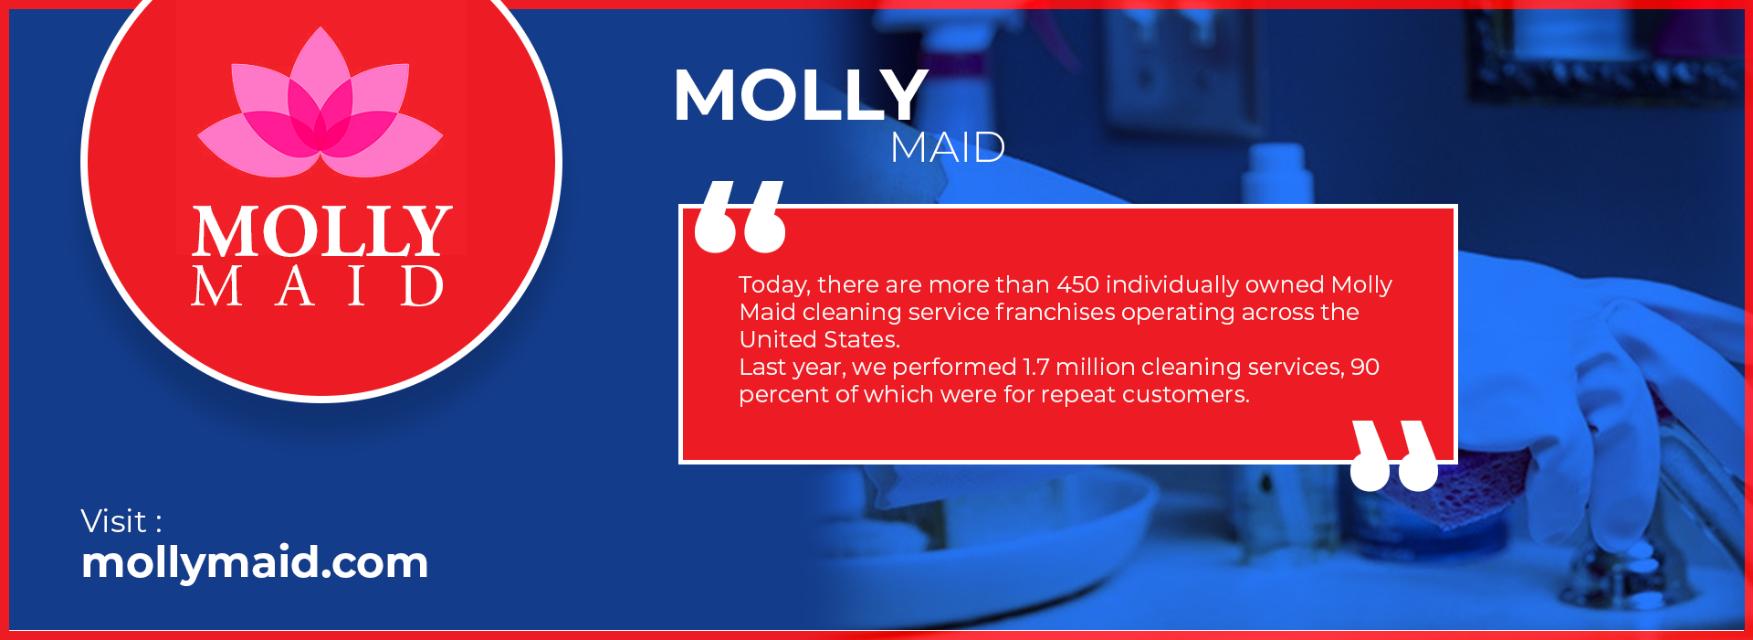 Molly_Maid_slider